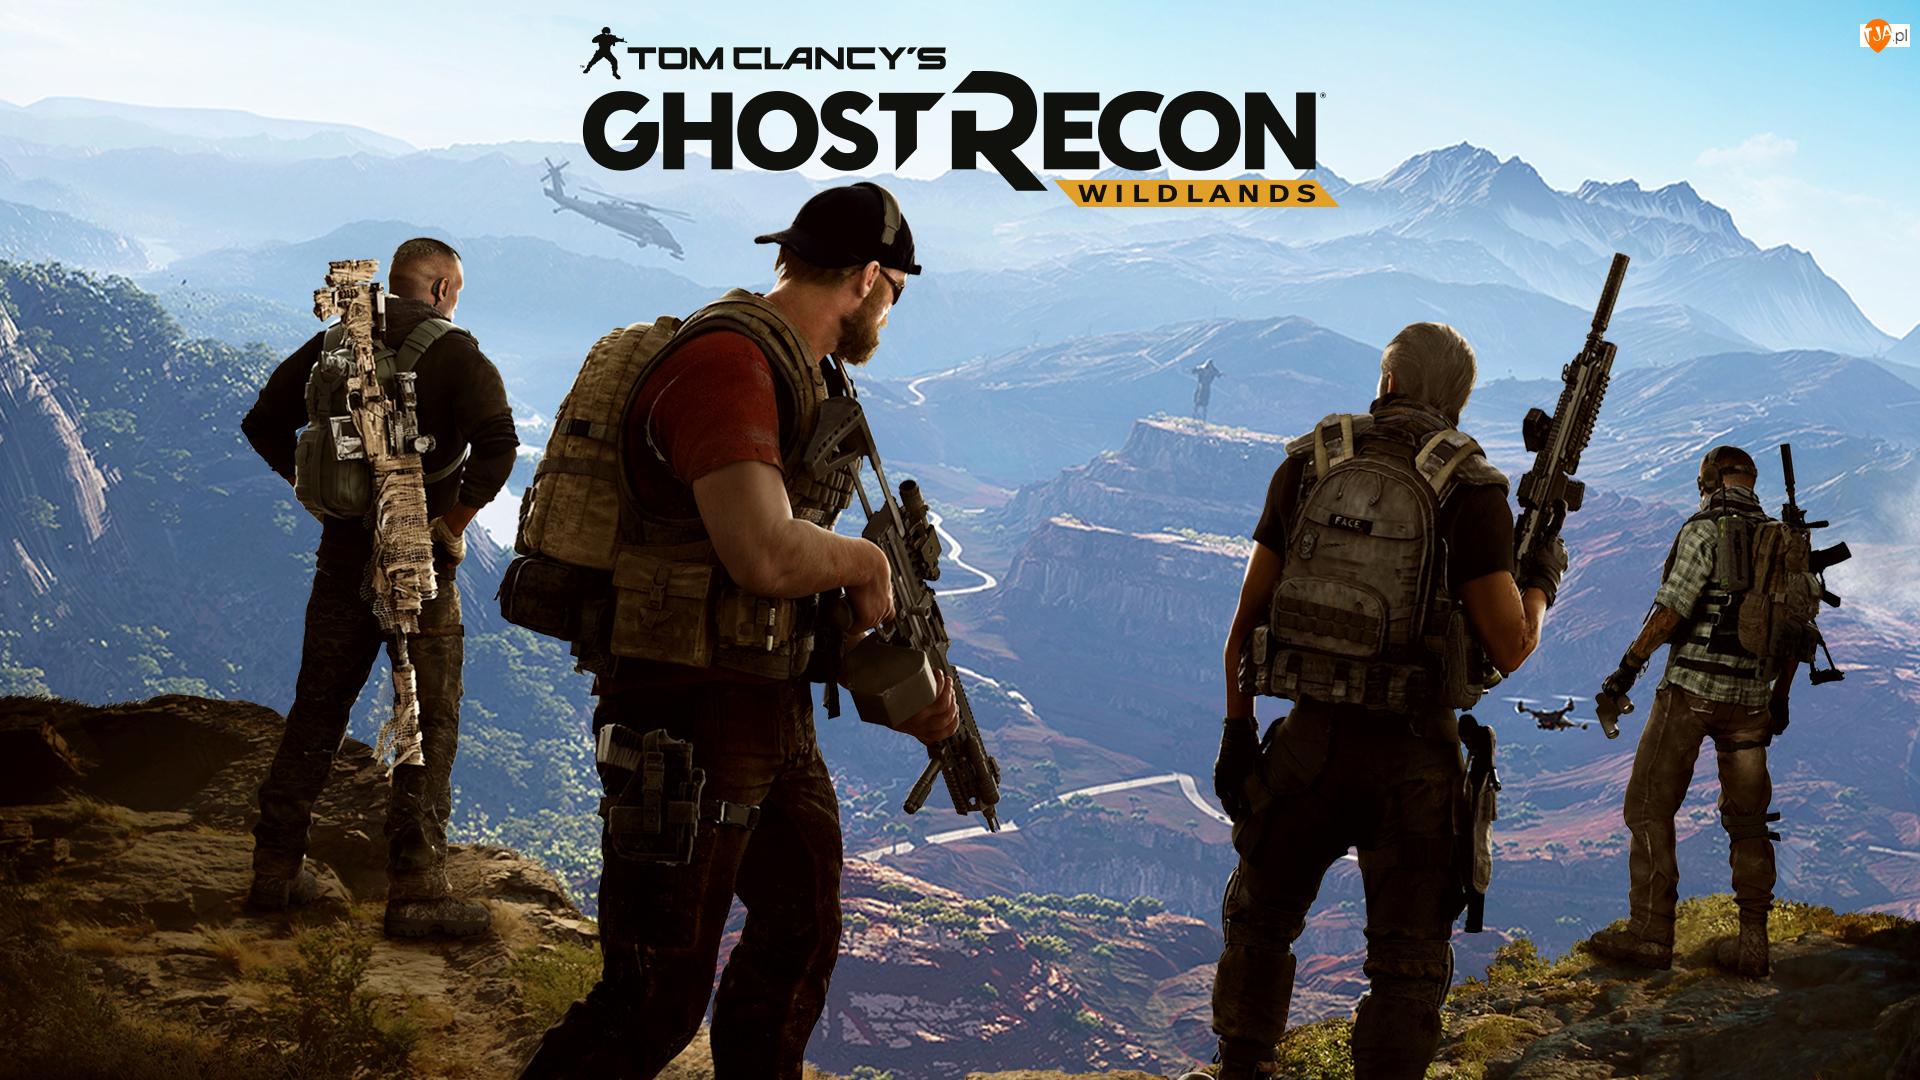 Tom Clancy's Ghost Recon Wildlands, Żołnierze, Góry, Broń